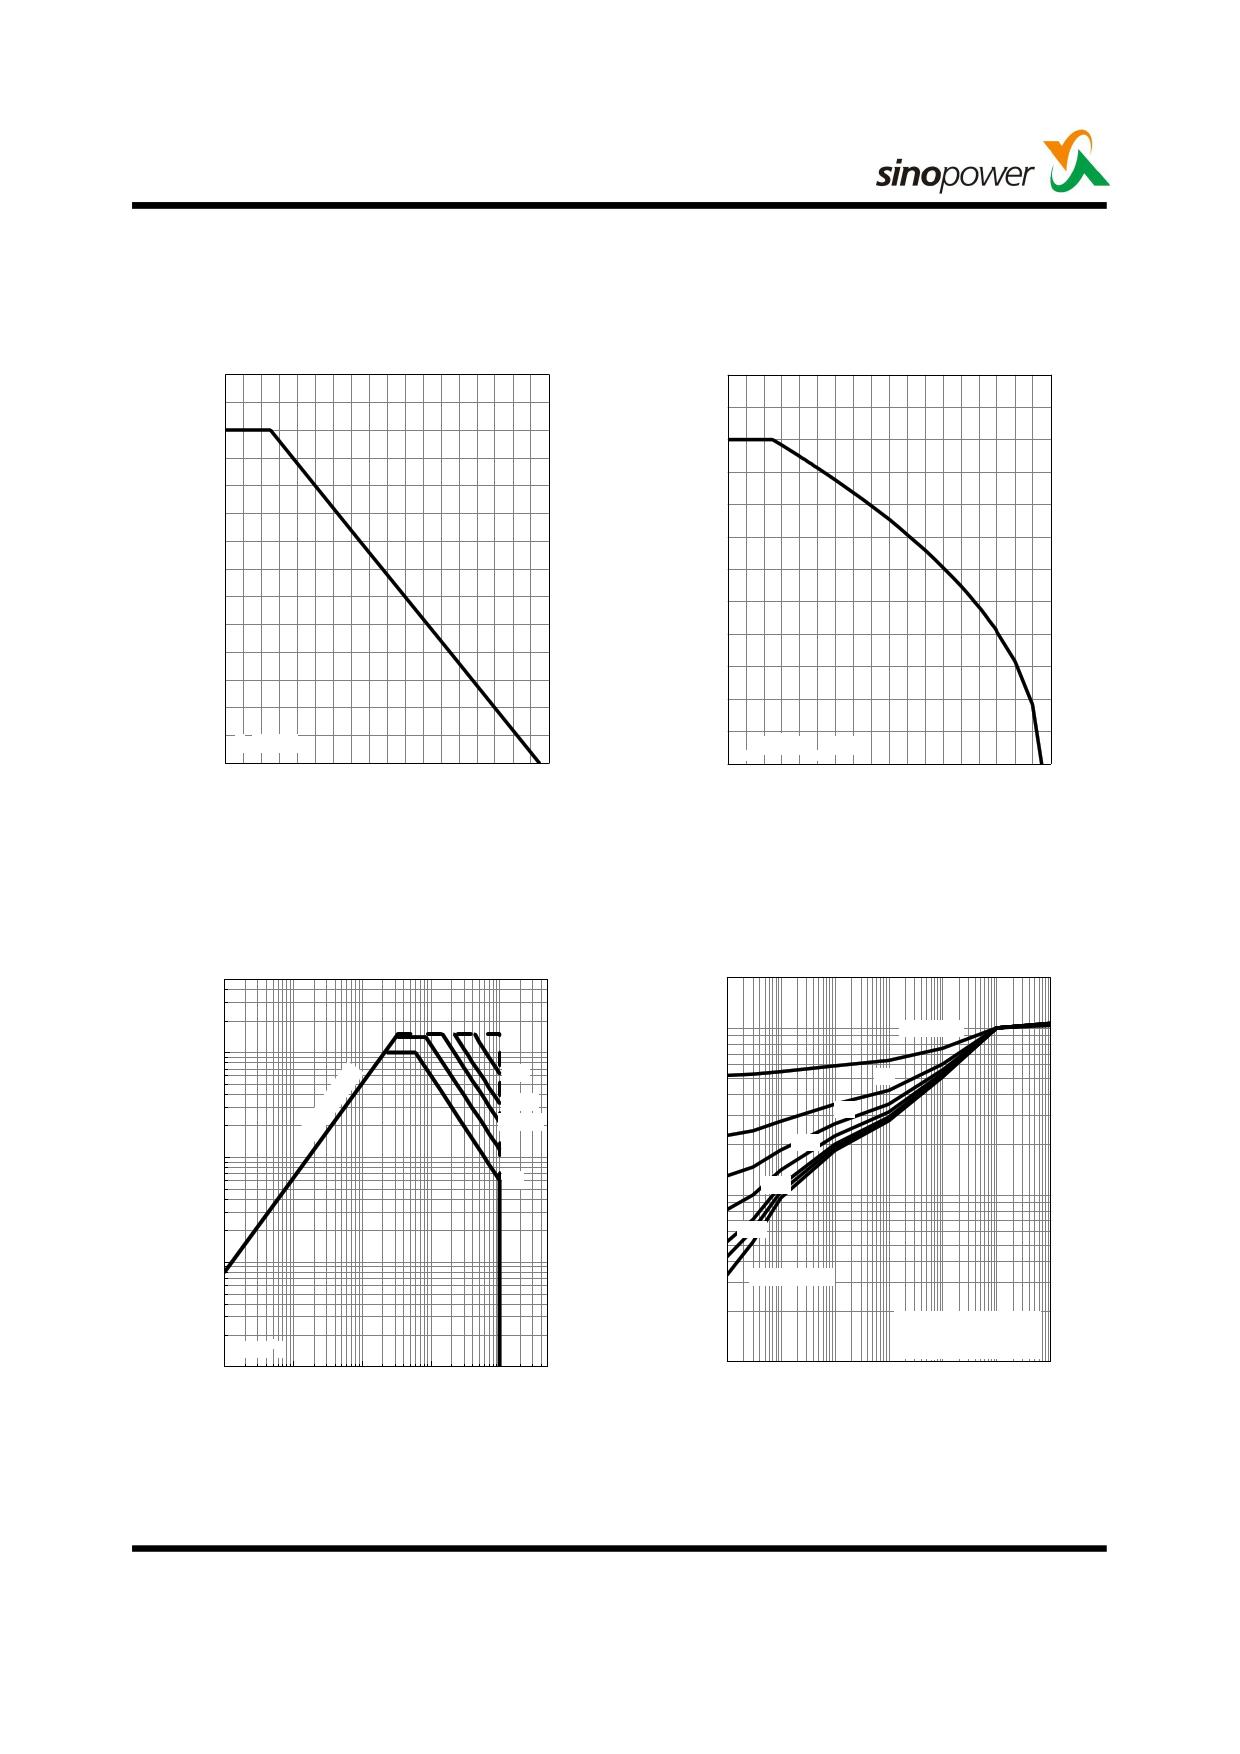 APM1110NU pdf, 반도체, 판매, 대치품